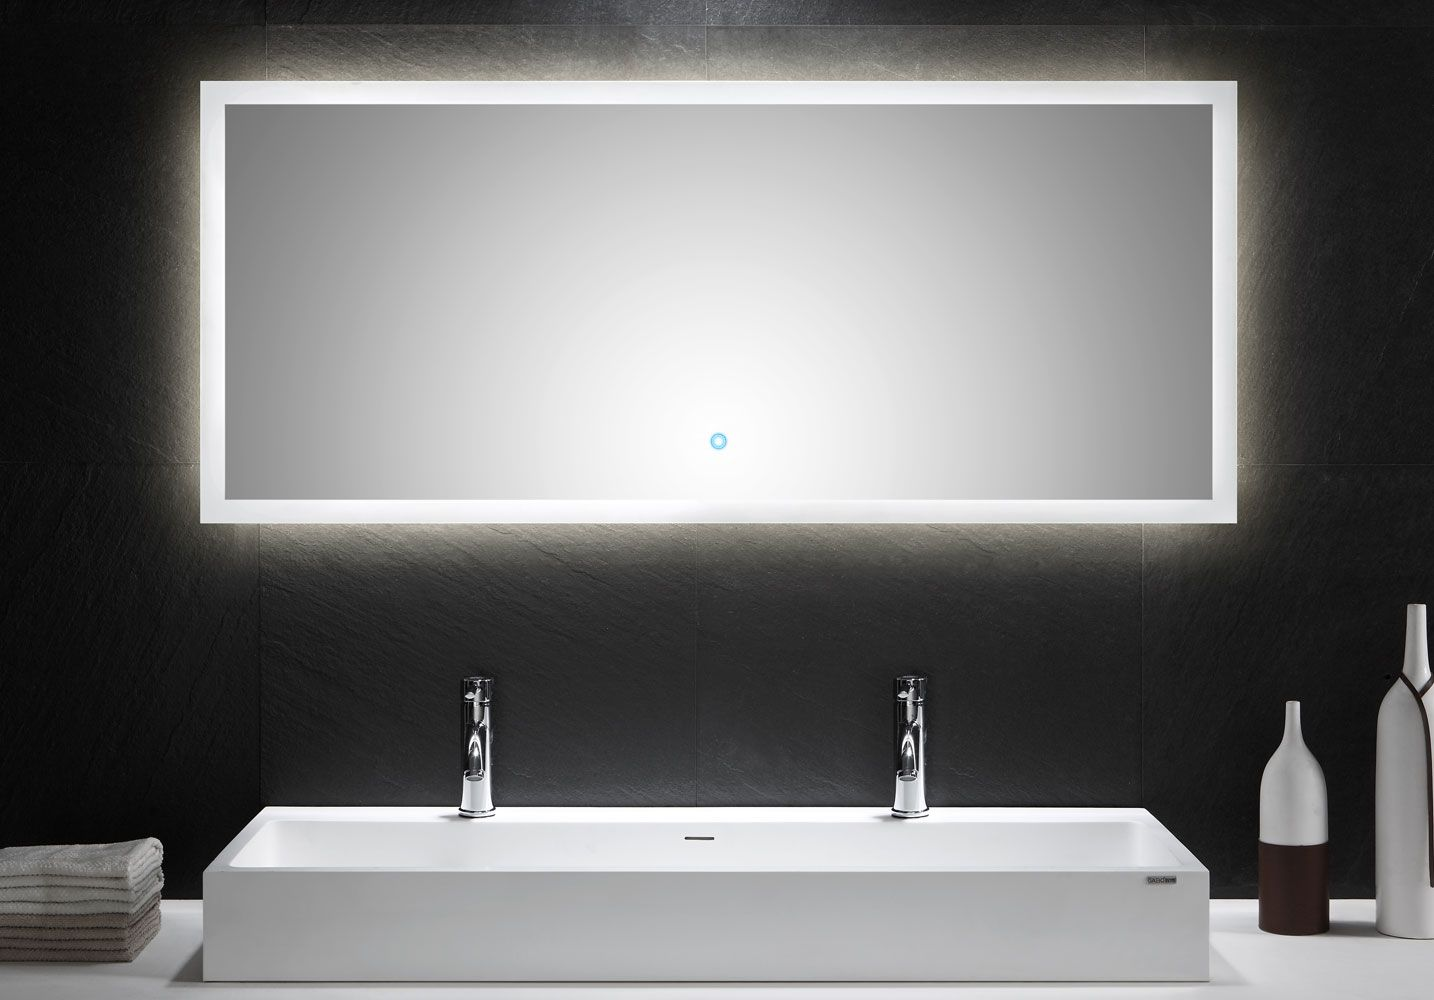 Led Spiegel 1400x600mm Masse B H T 140 60 3 2 Cm Leuchtmittel 34 Watt 3024 Lum Farbtemperatur Ist Wa Led Spiegel Badezimmerspiegel Spiegel Mit Beleuchtung